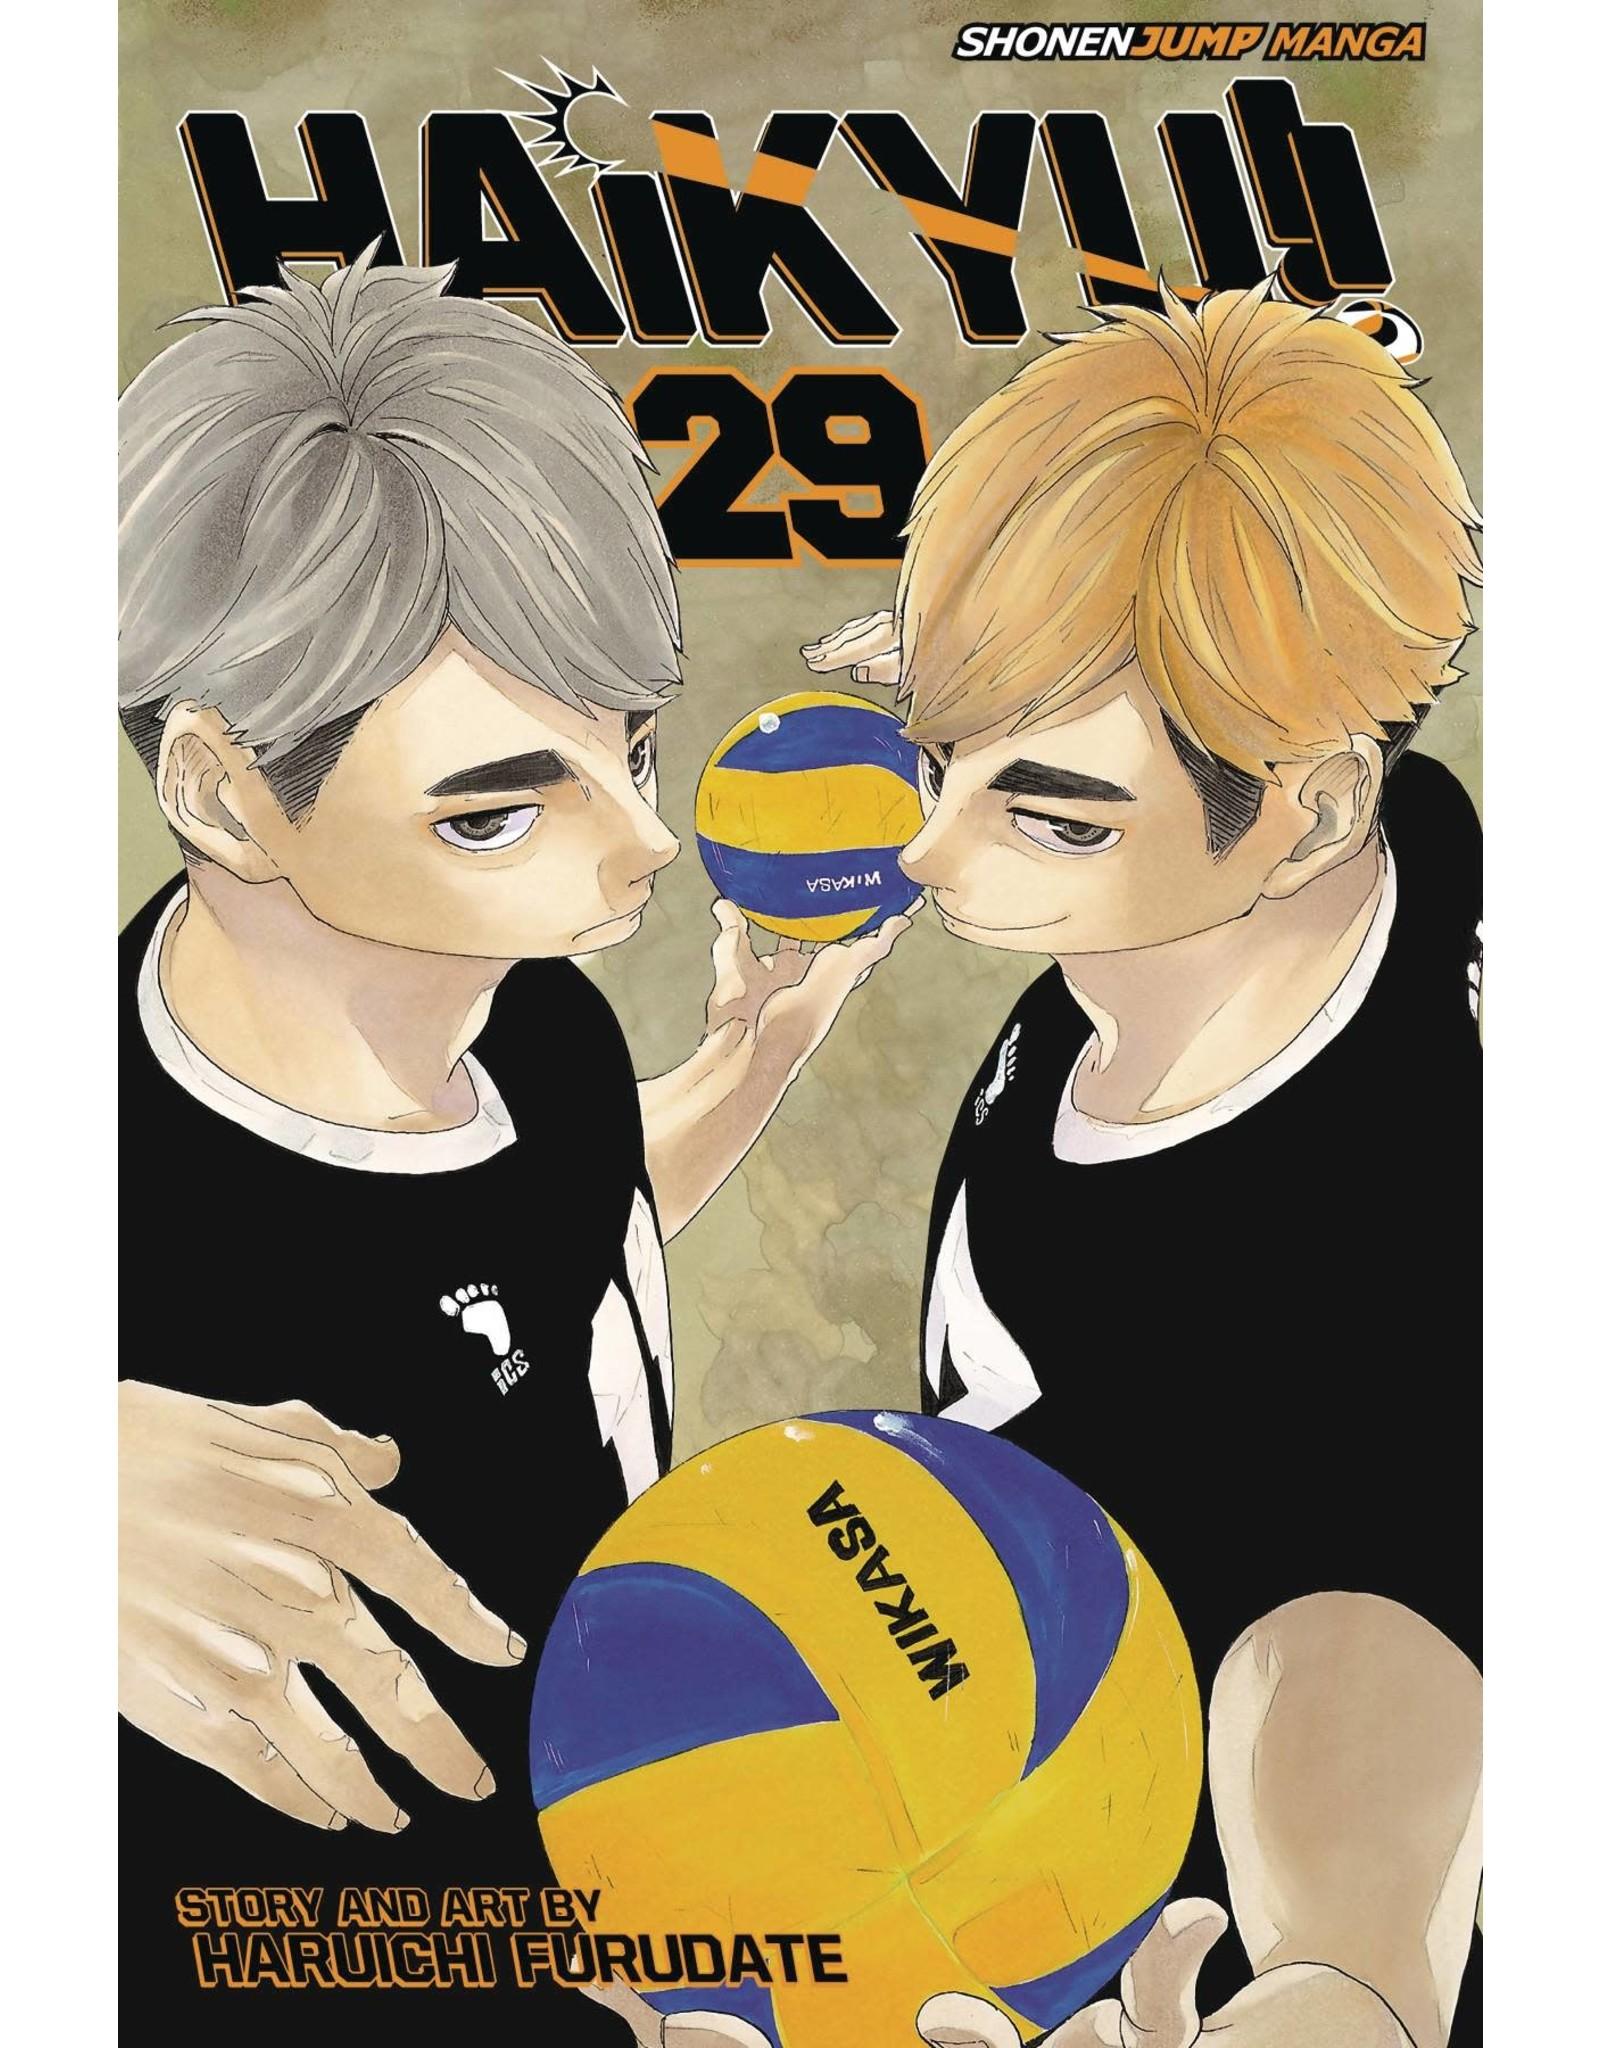 Haikyu!! 29 (English)